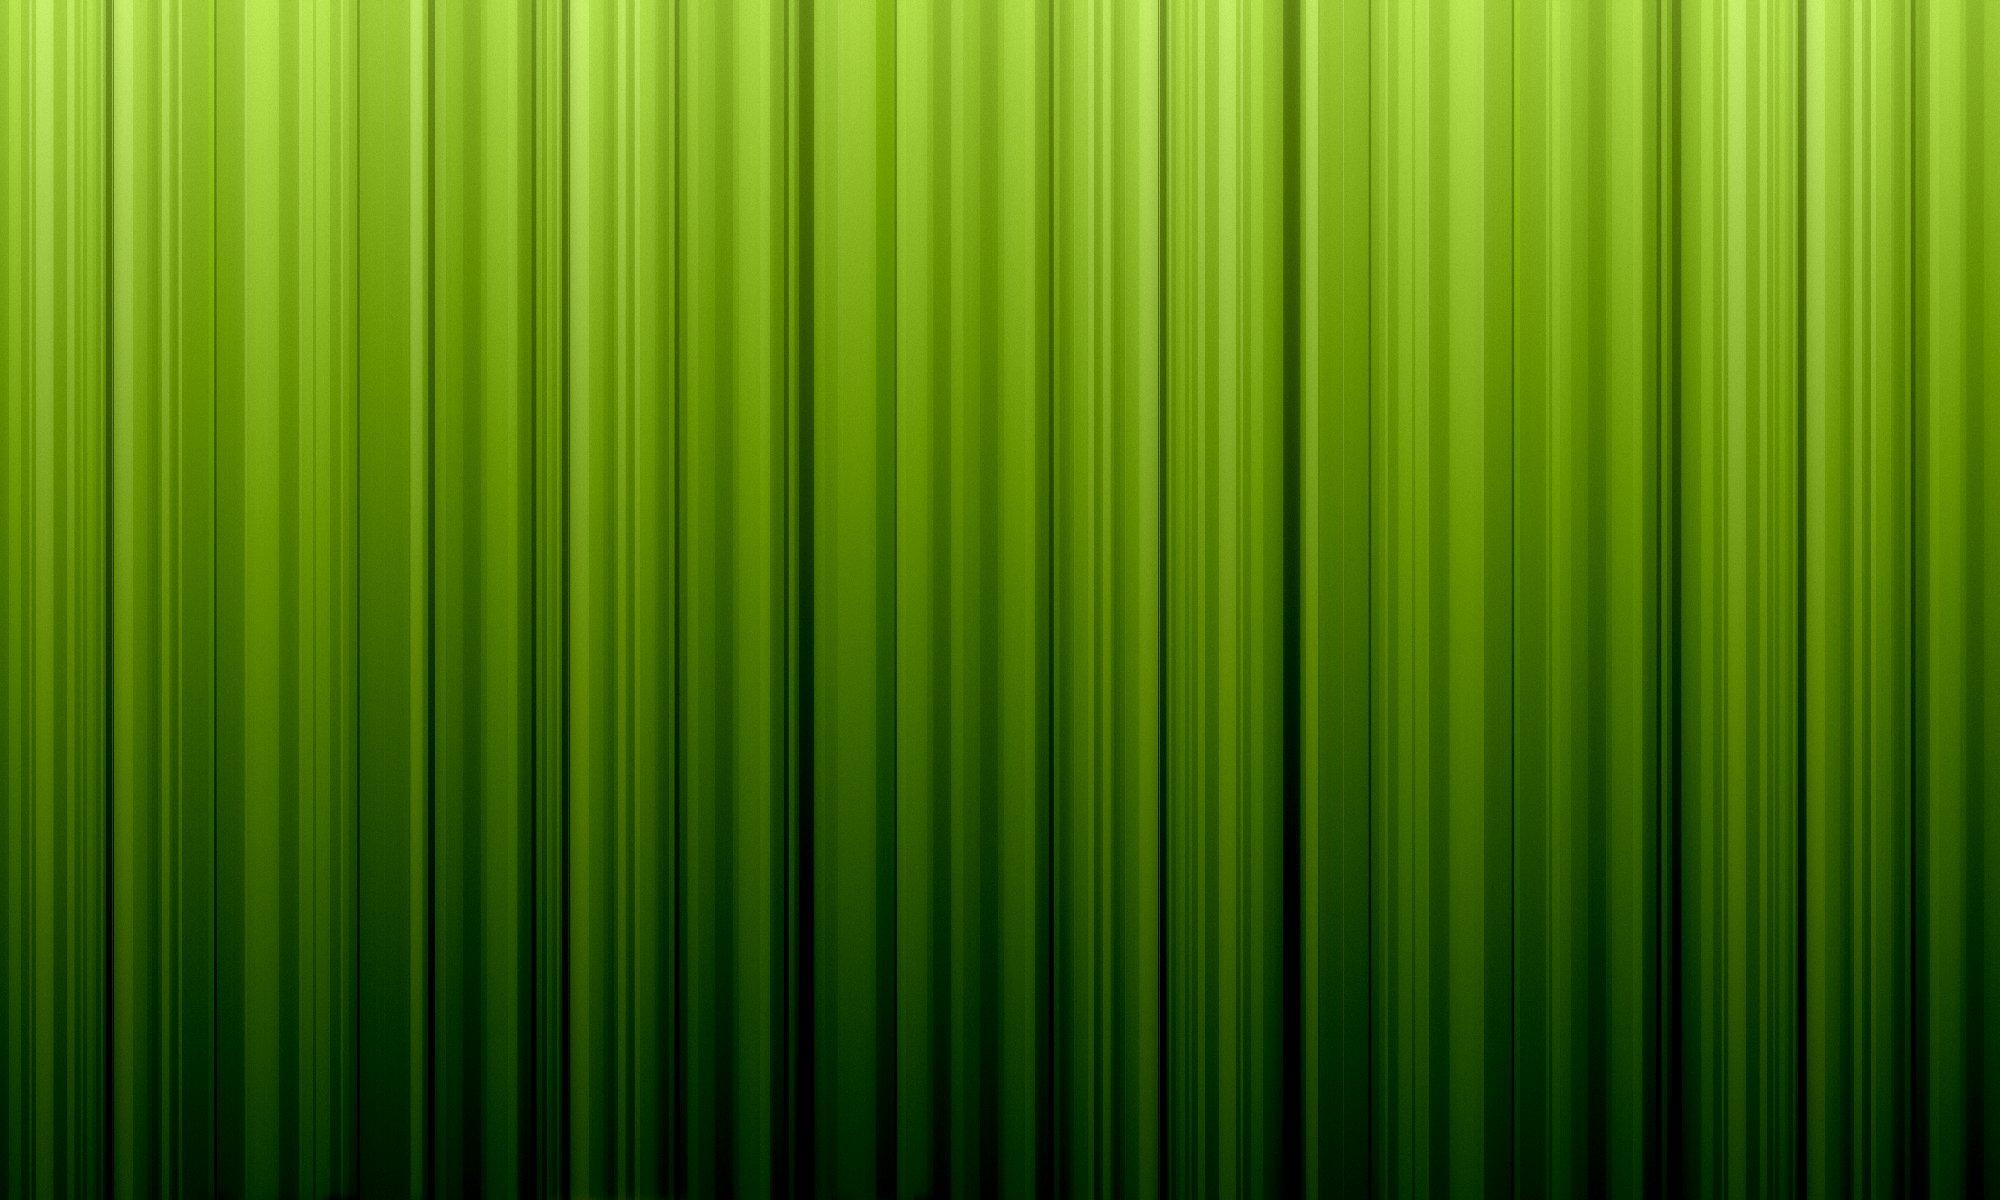 9.0/trisquel-wallpapers/data/usr/share/backgrounds/dagda-g.jpg